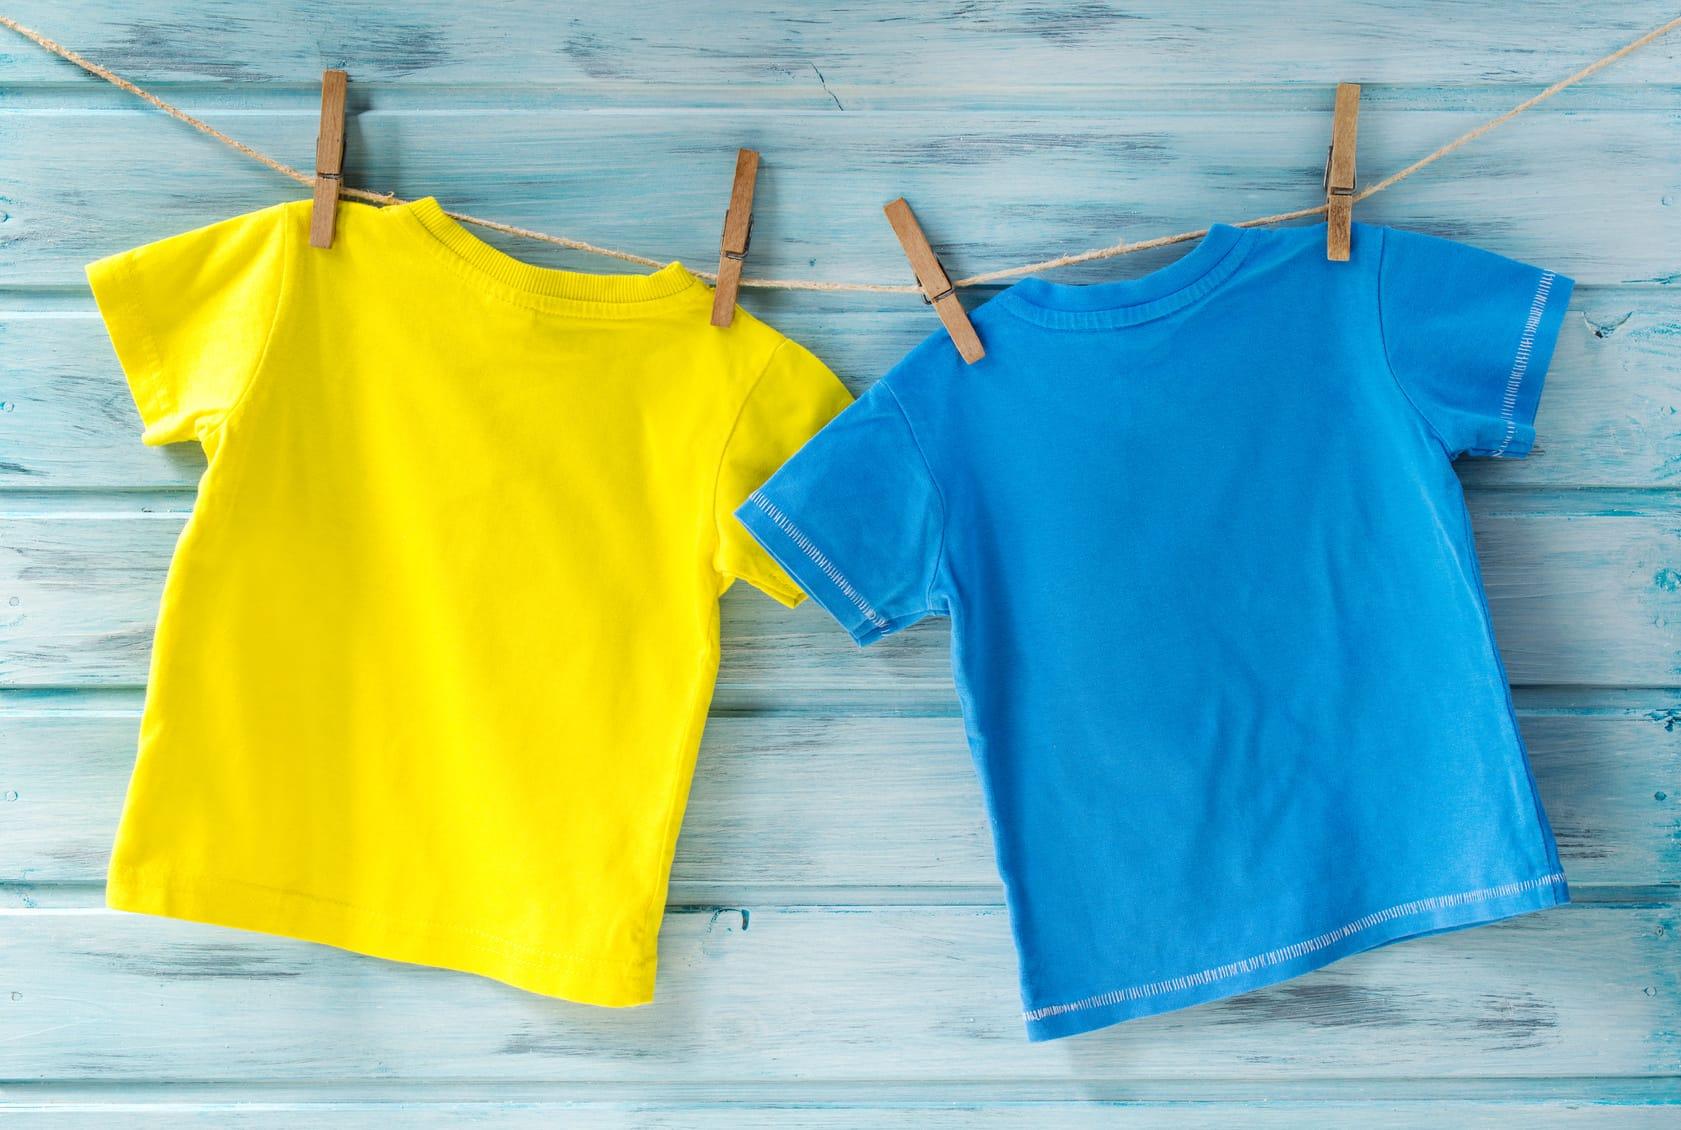 Verlieren T-Shirts in der Waschmaschine ihre Form?